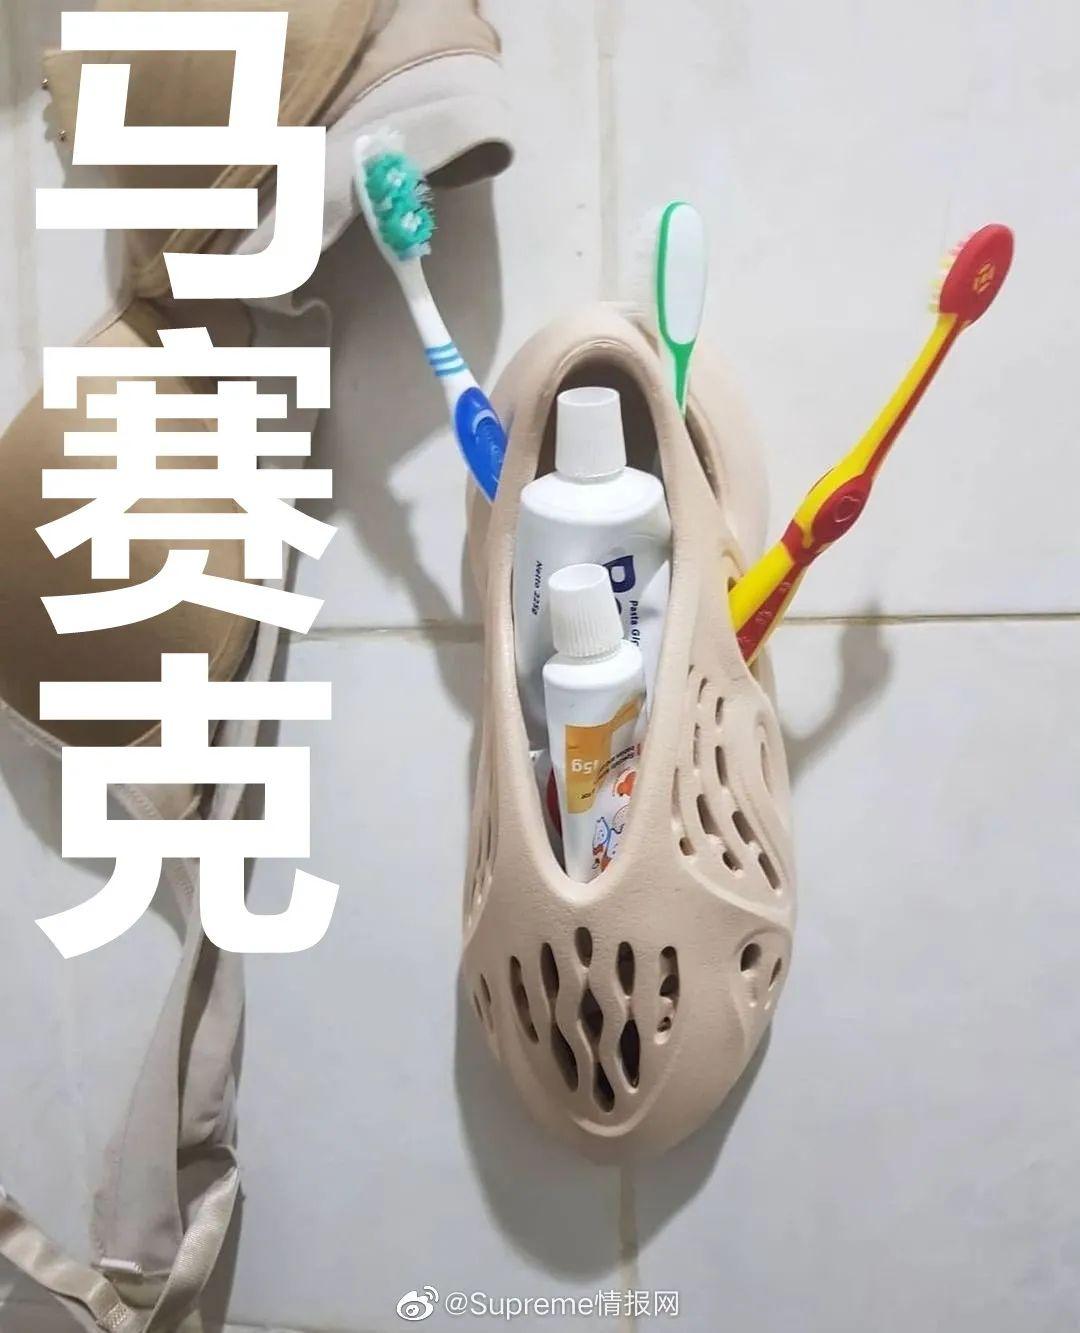 药水哥同款Yeezy洞洞鞋被魔改一脚蹬,改装成牙刷架?已玩坏··